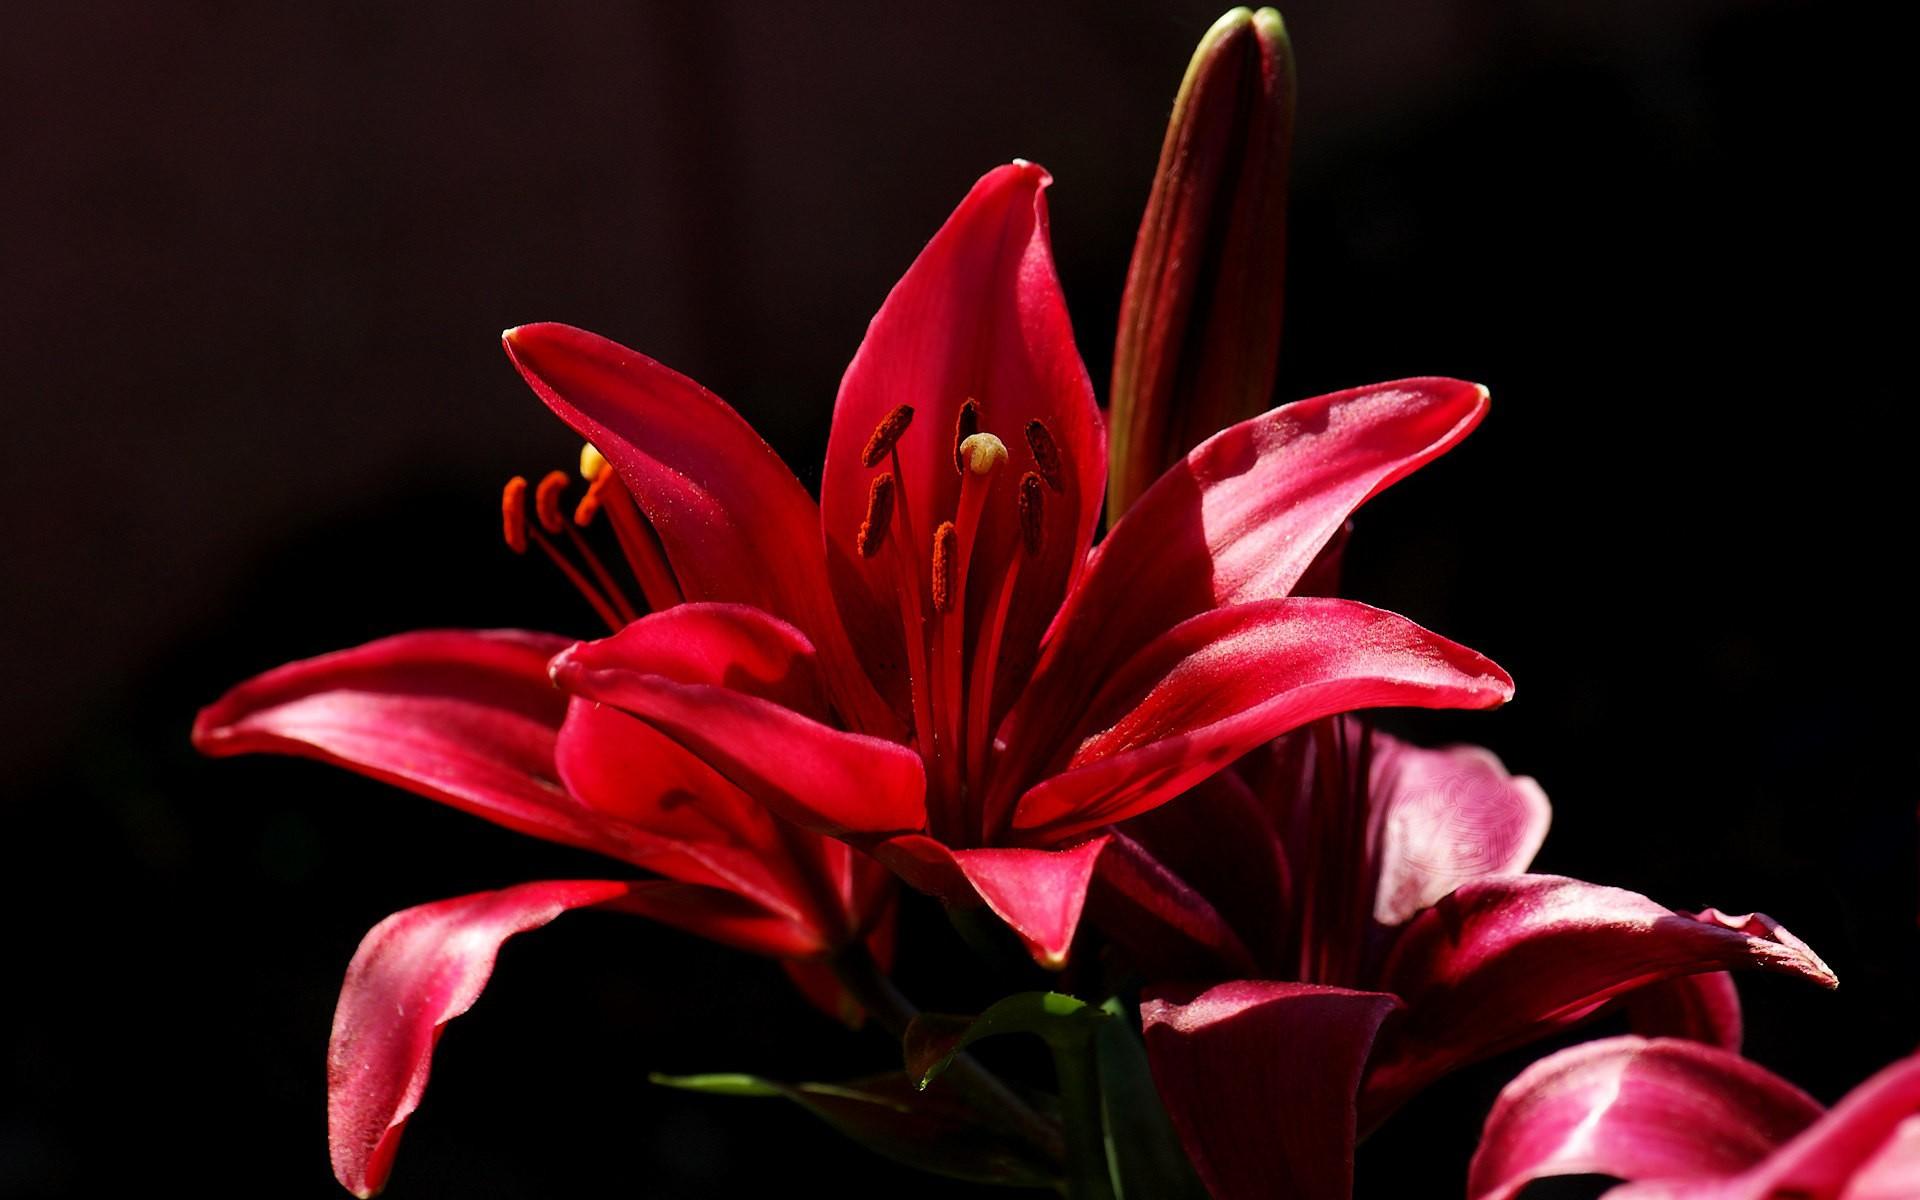 фото красный цветок на черном фоне позволит наиболее